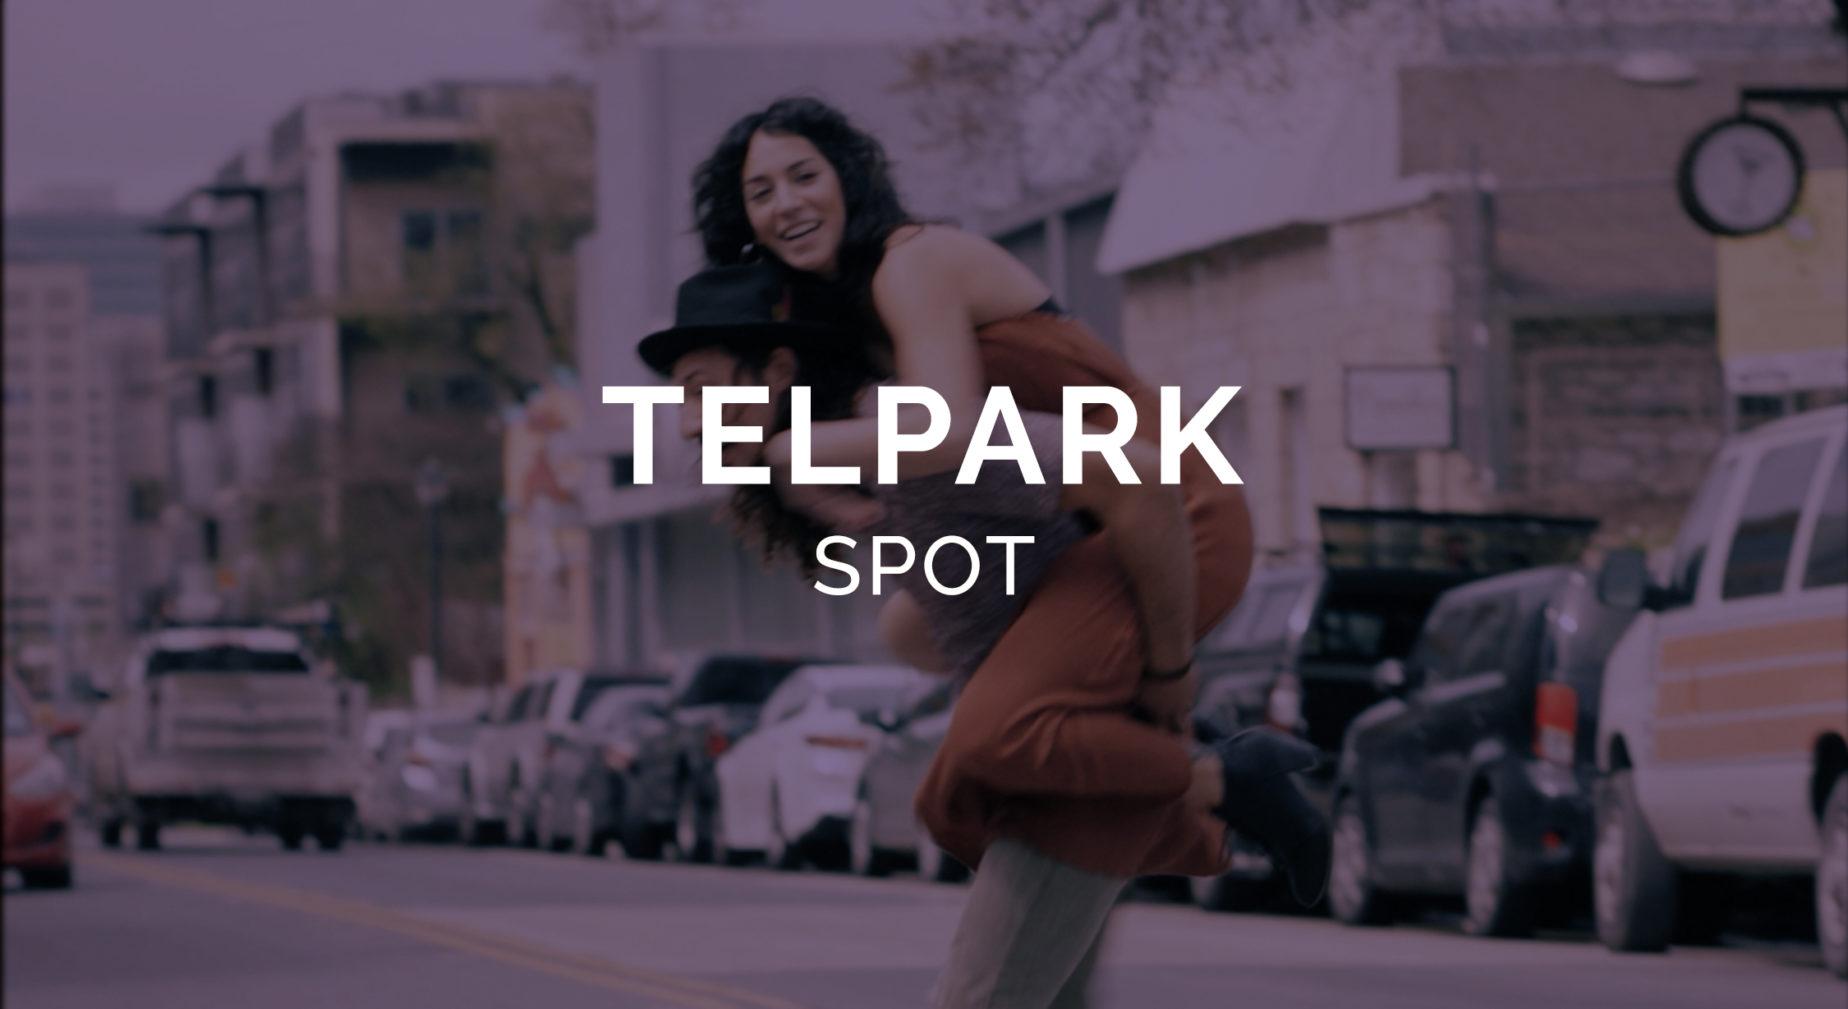 Telpark